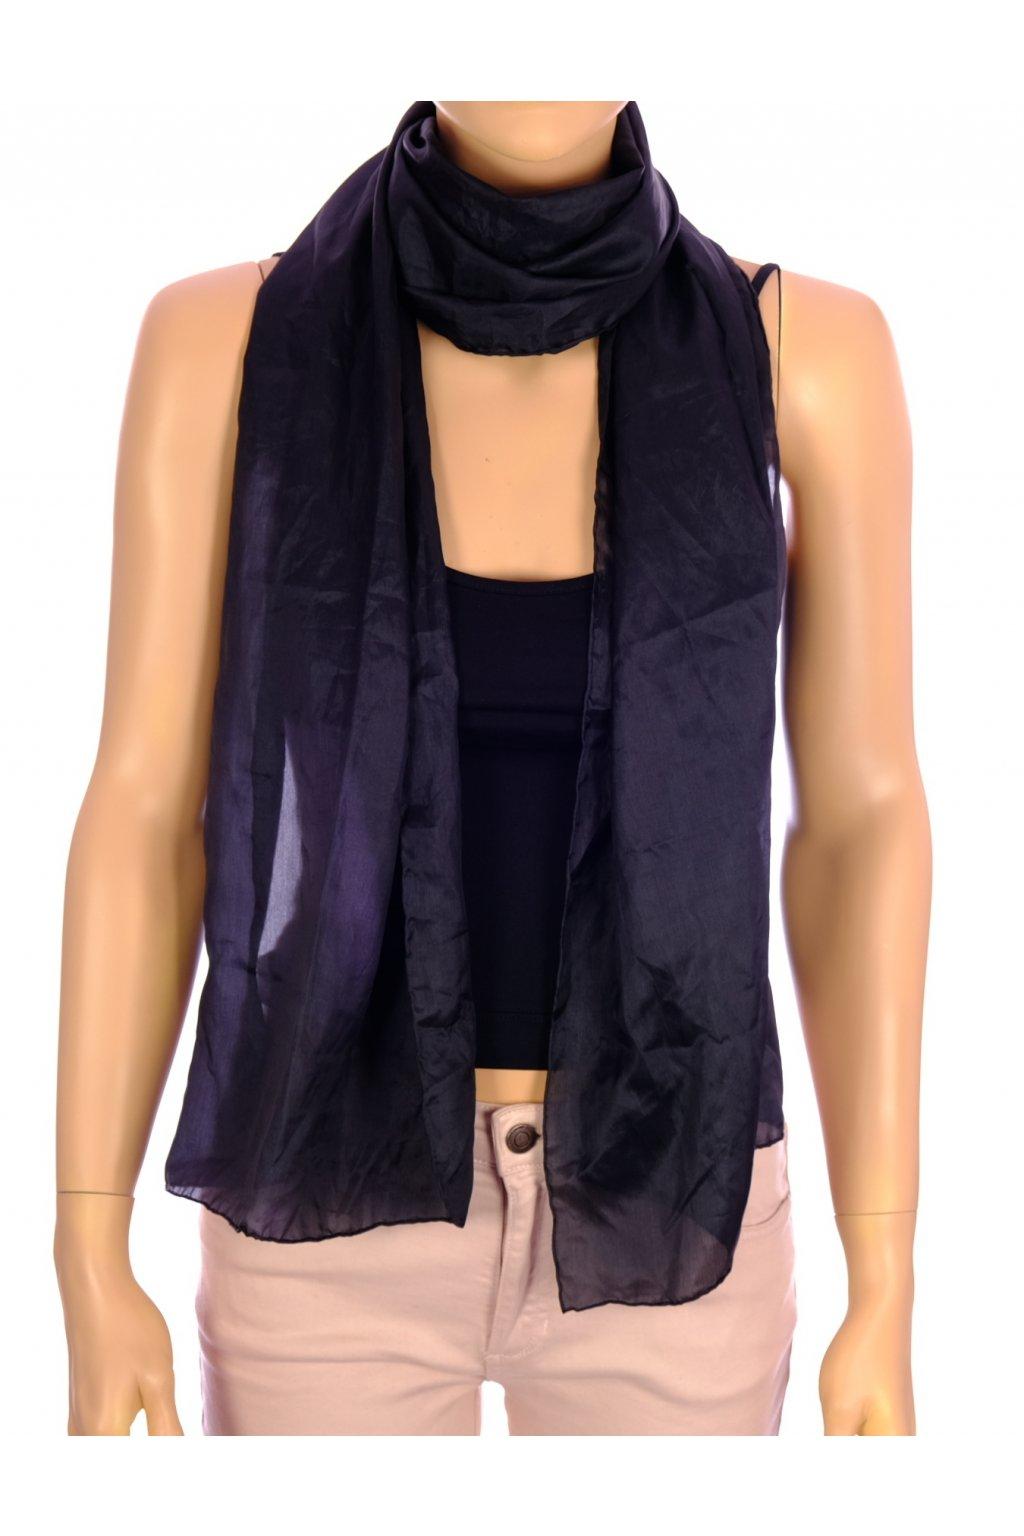 Šátek černý 100% hedvábí